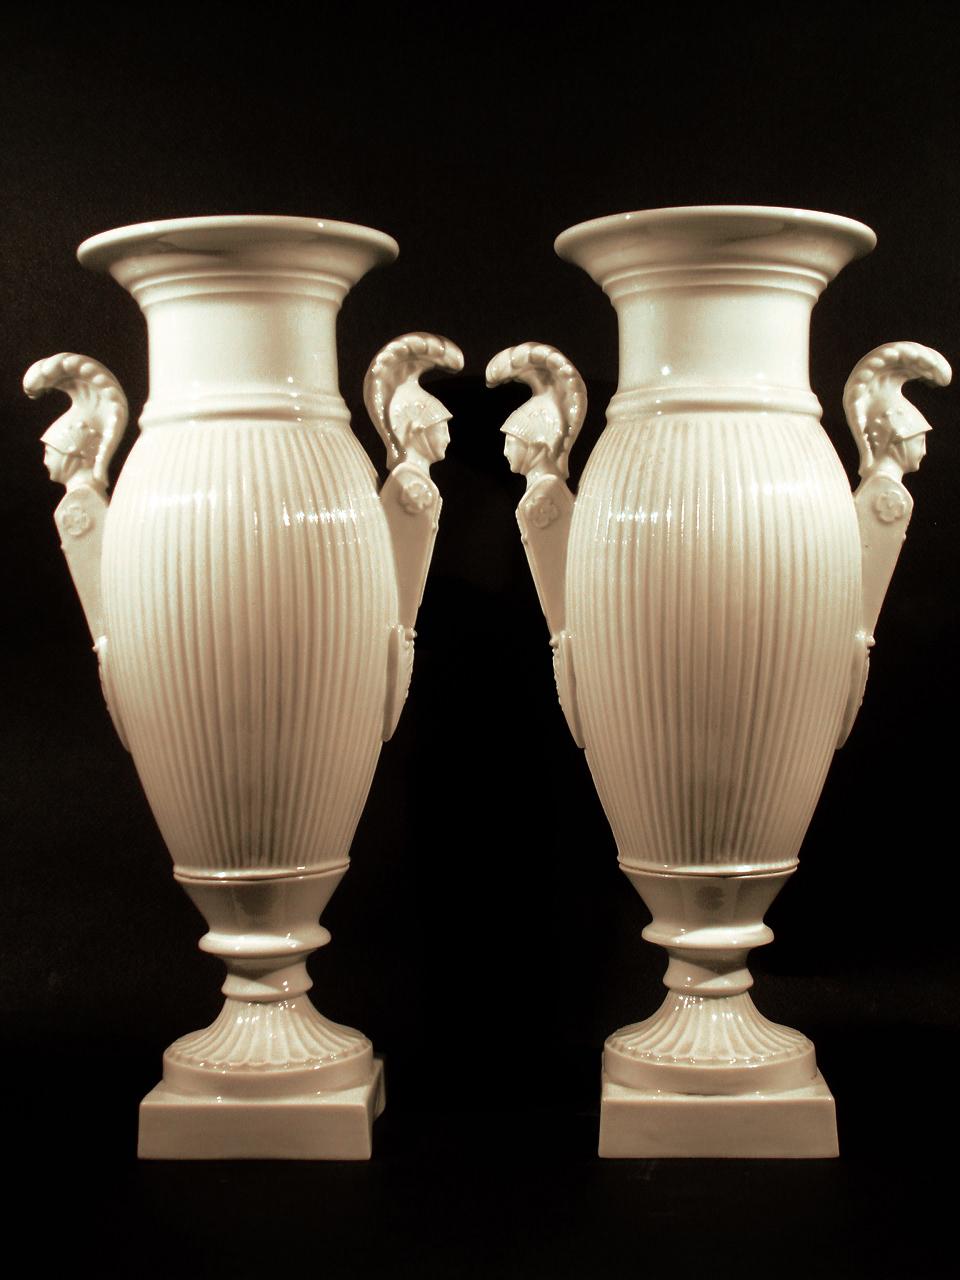 Vases en porcelaine blanche (vue de face). XIXe siècle. Collection Olivier Berni Intérieurs